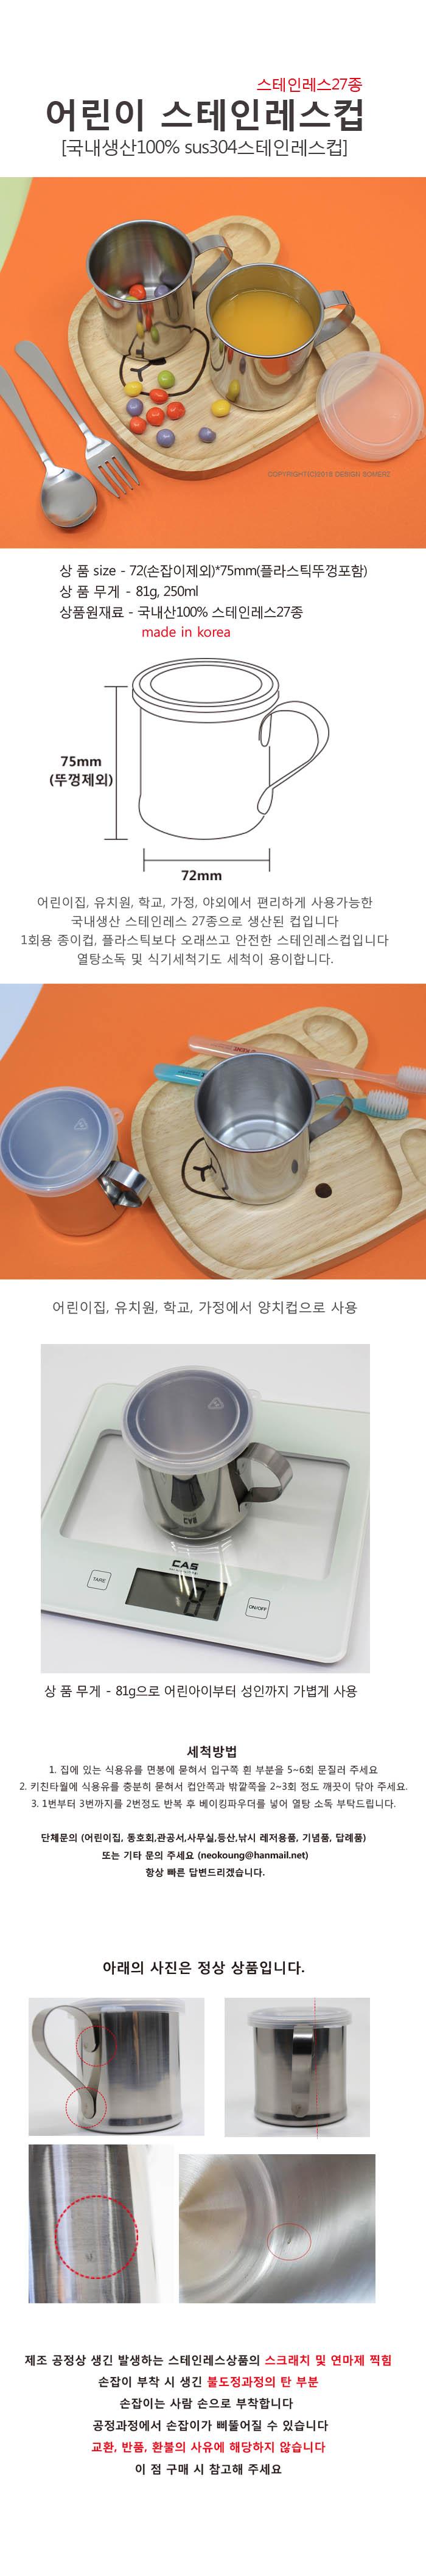 어린이집스텐양치물컵 - 디자인소머즈, 5,500원, 머그컵, 주문제작머그